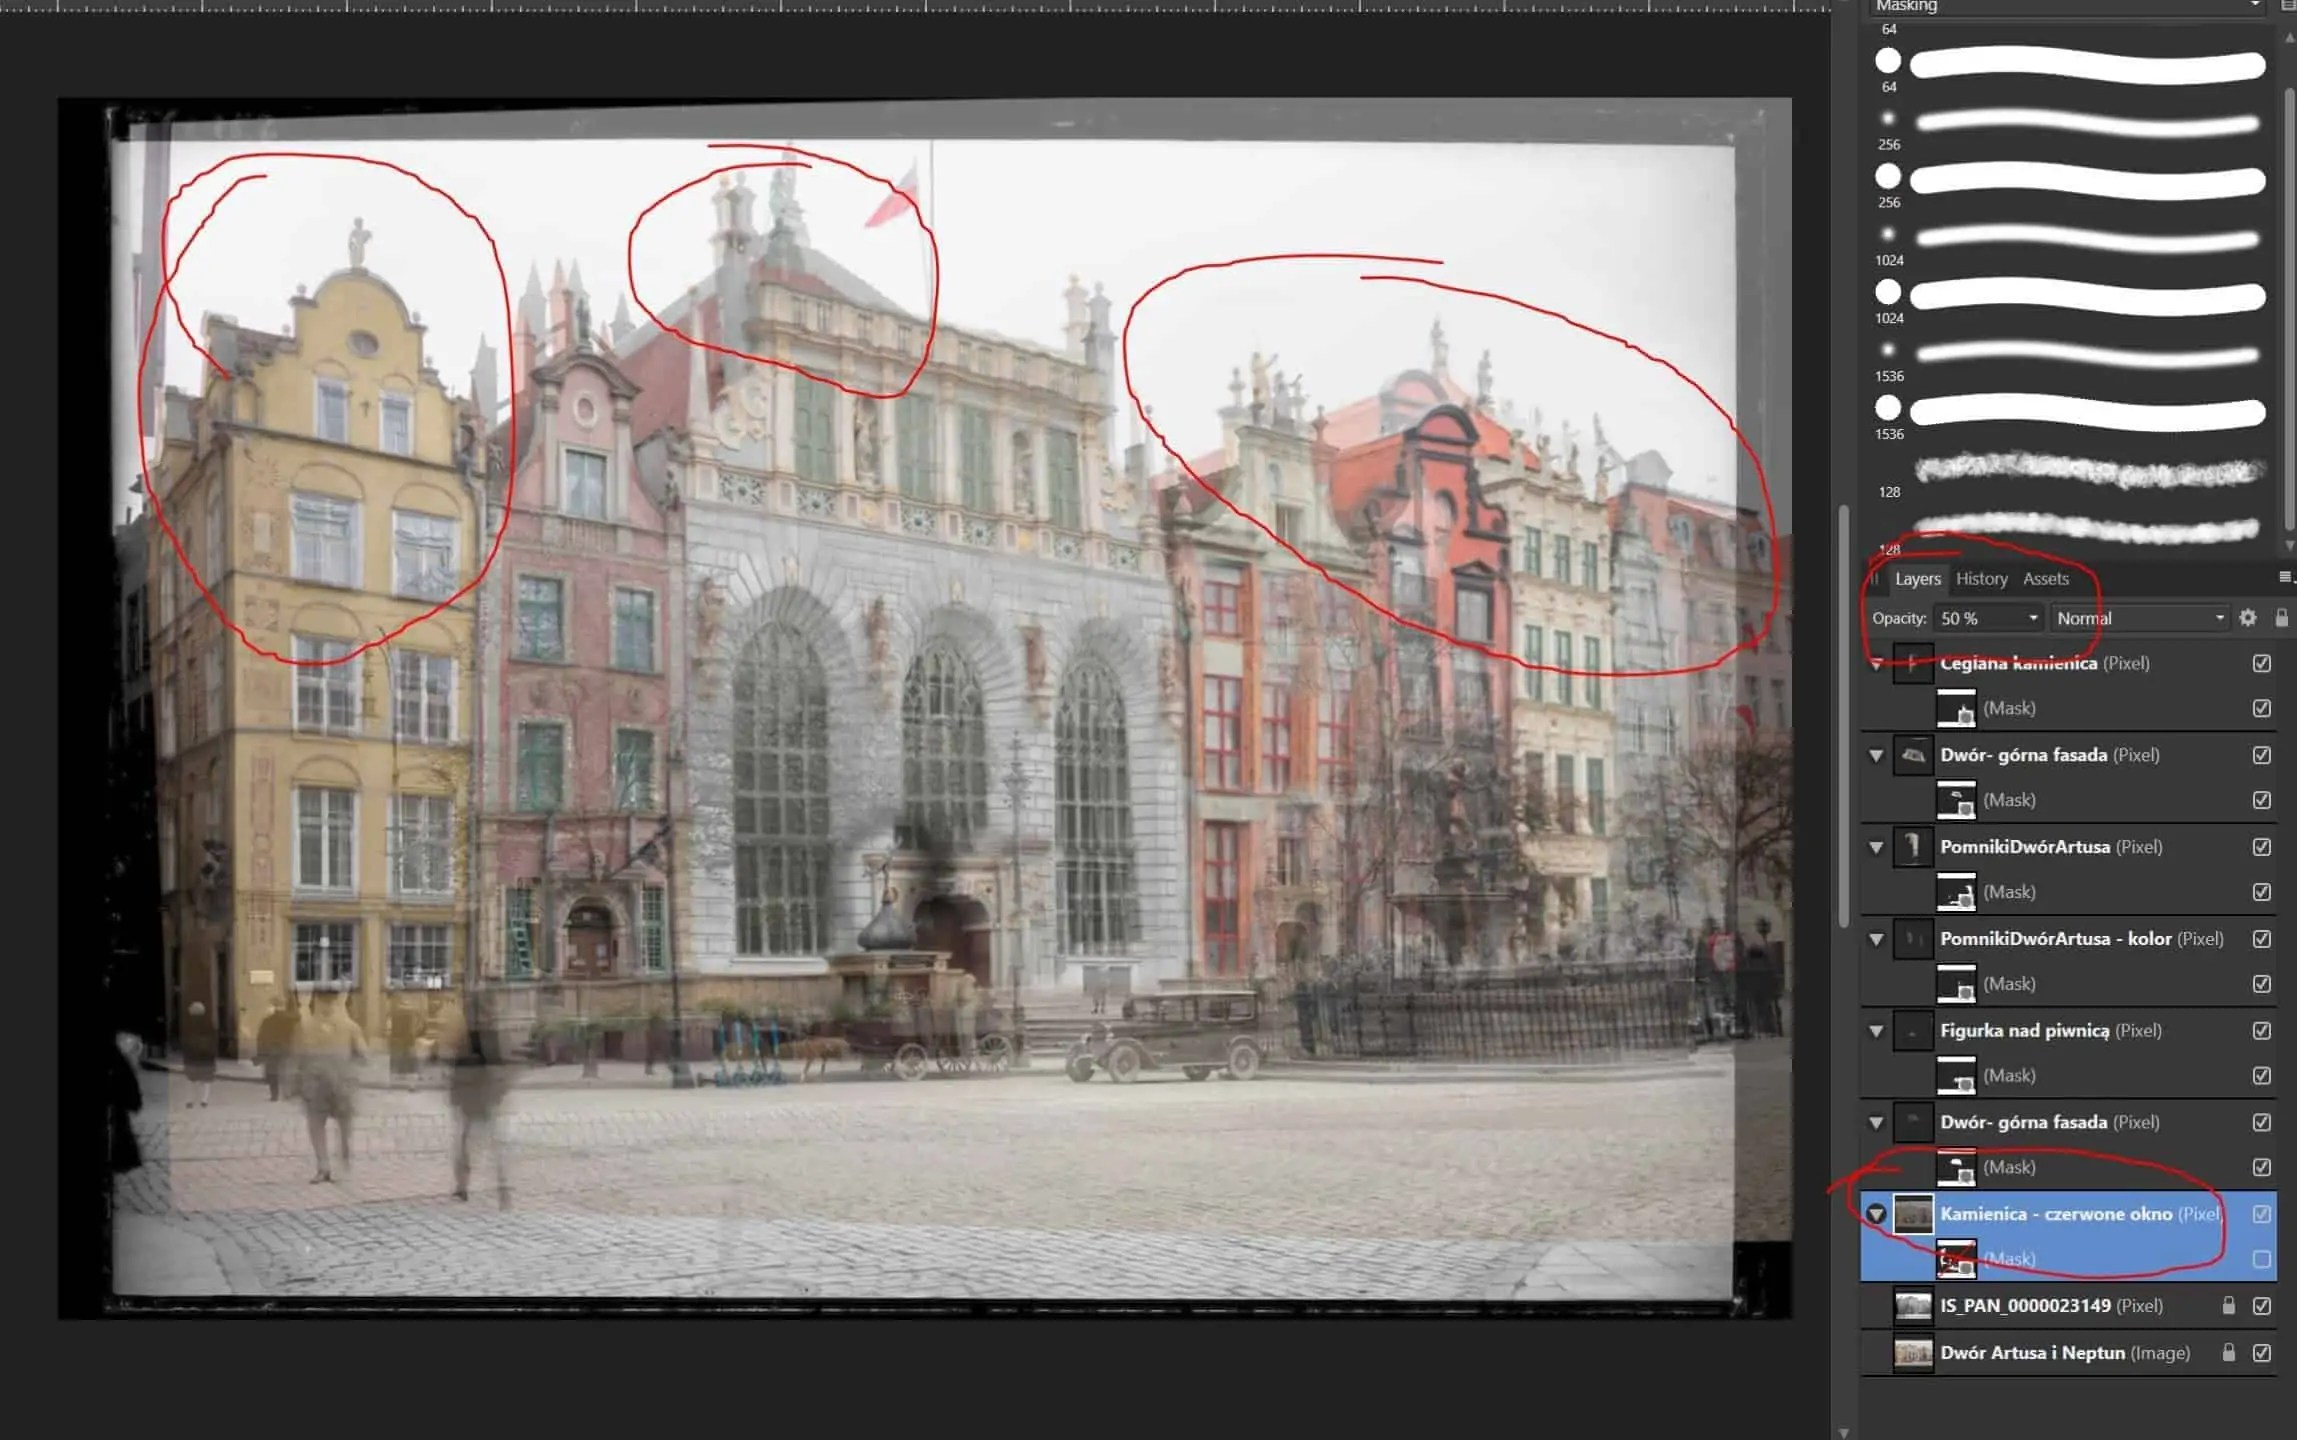 Trudnosc w dopasowaniu elementow ustawianie przezroczystego kadru - Zdjęcia starego Gdańska. Kompozycja w 5 prostych krokach !